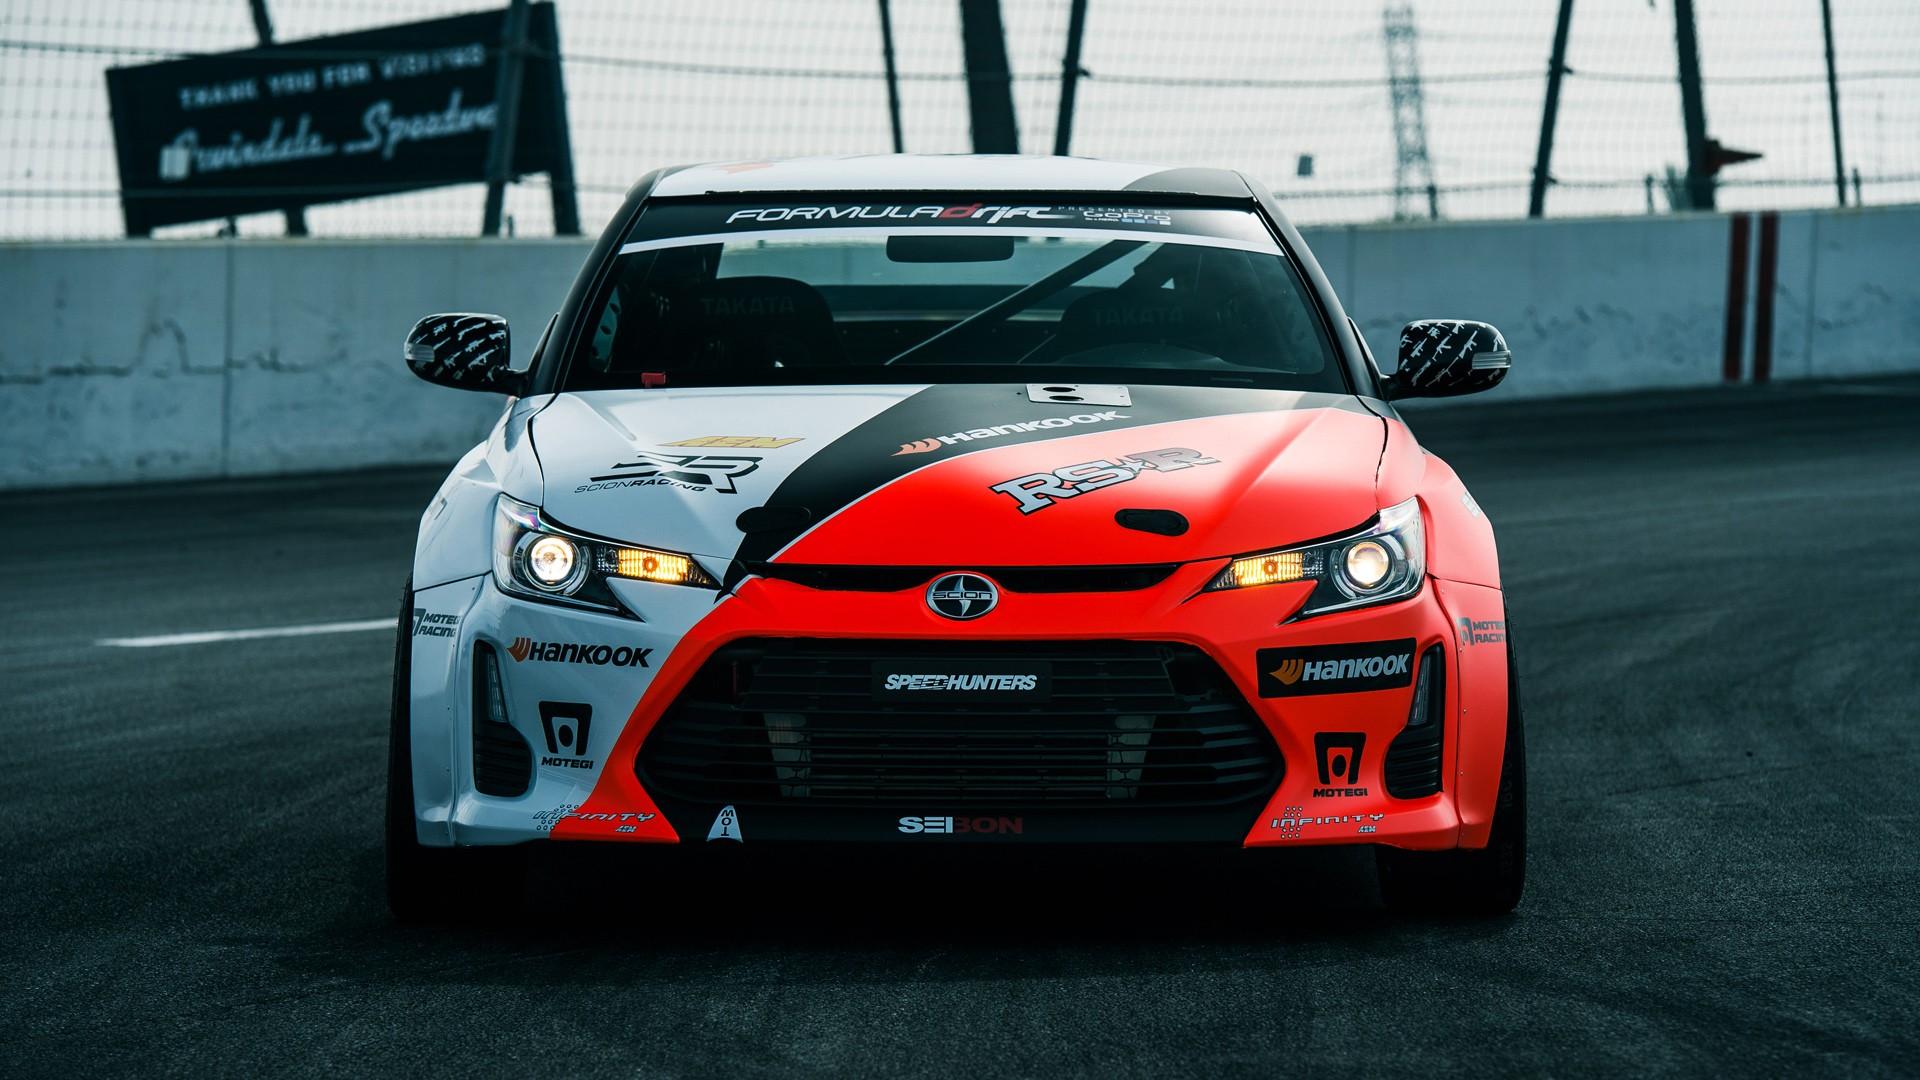 2013 Formula D Scion Tc Wallpaper Hd Car Wallpapers Id